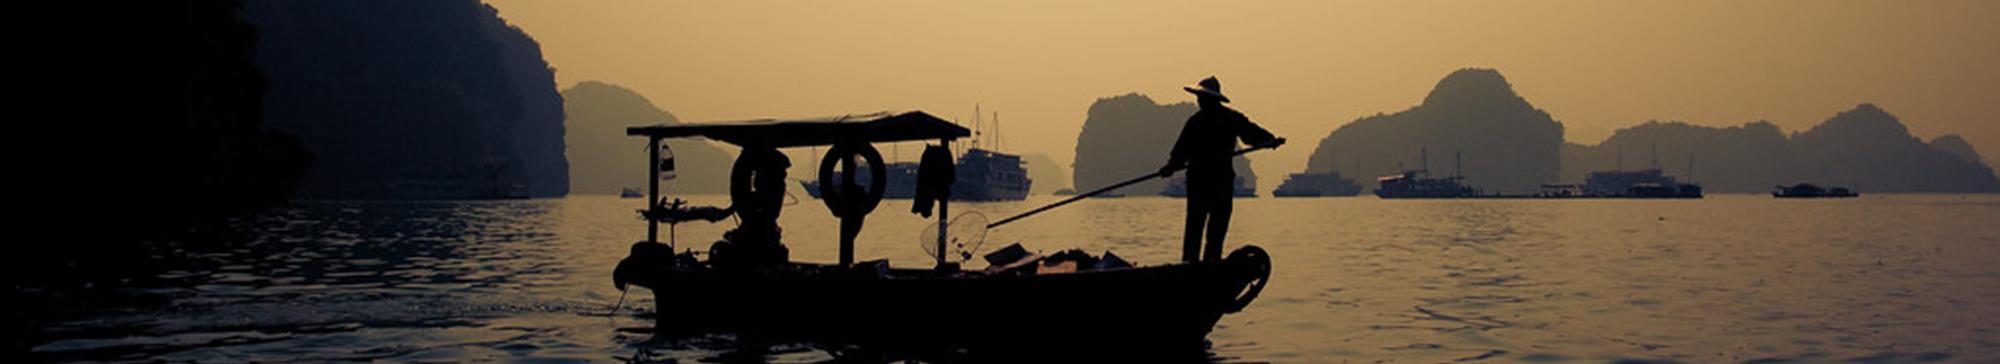 Чудо Вьетнама и великолепие Лаоса: <br> Ханой, Халонг, Луанг Прабанг, Ханой